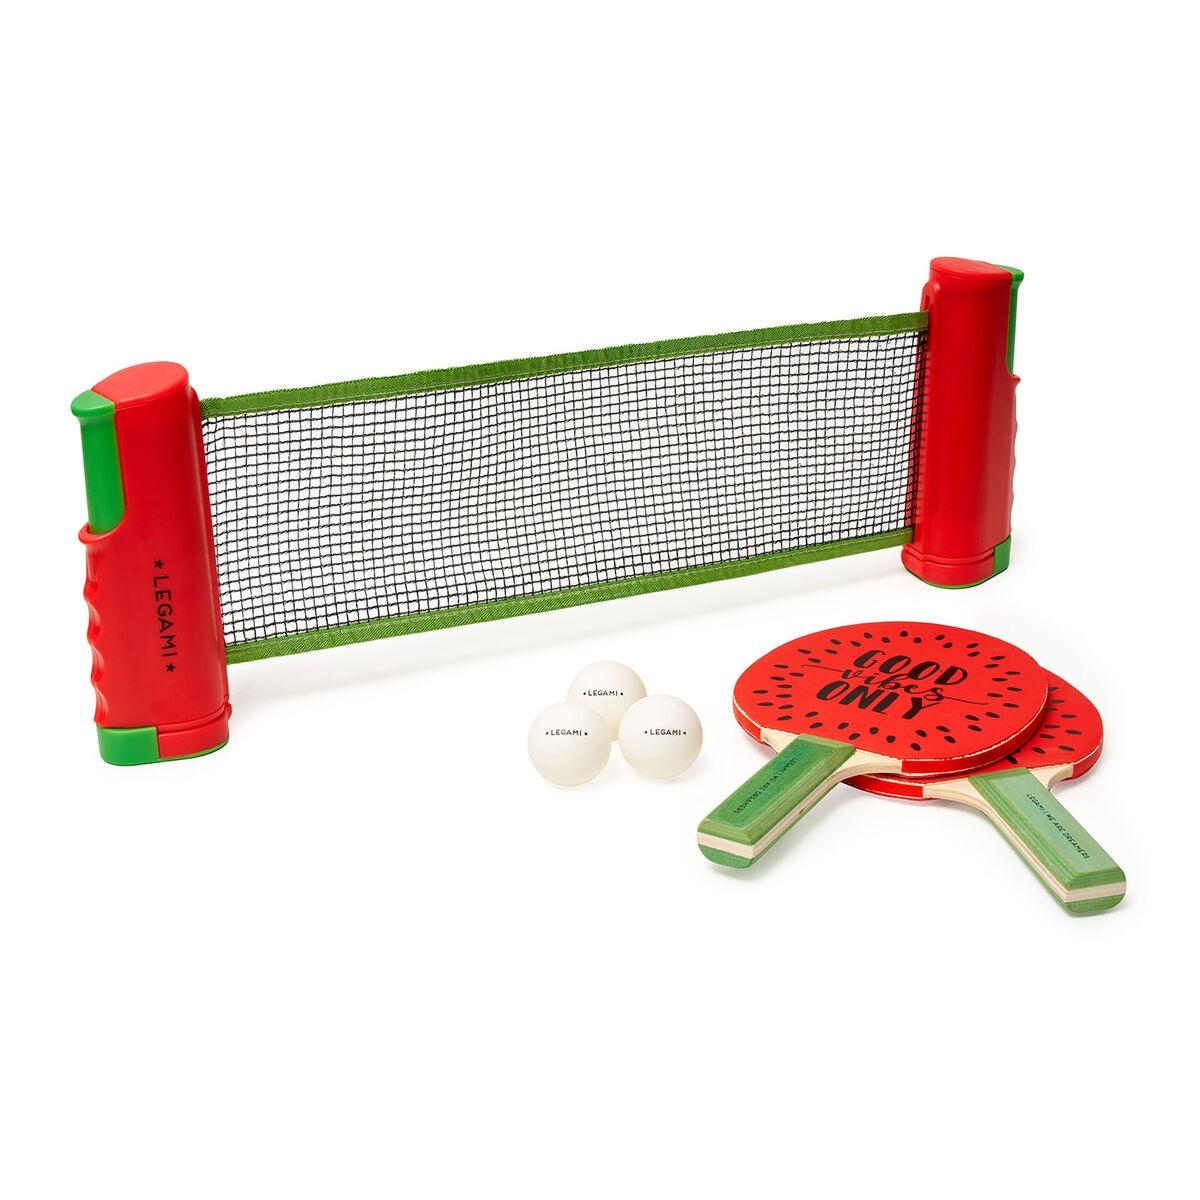 Set palete tenis de masa - Watermelon